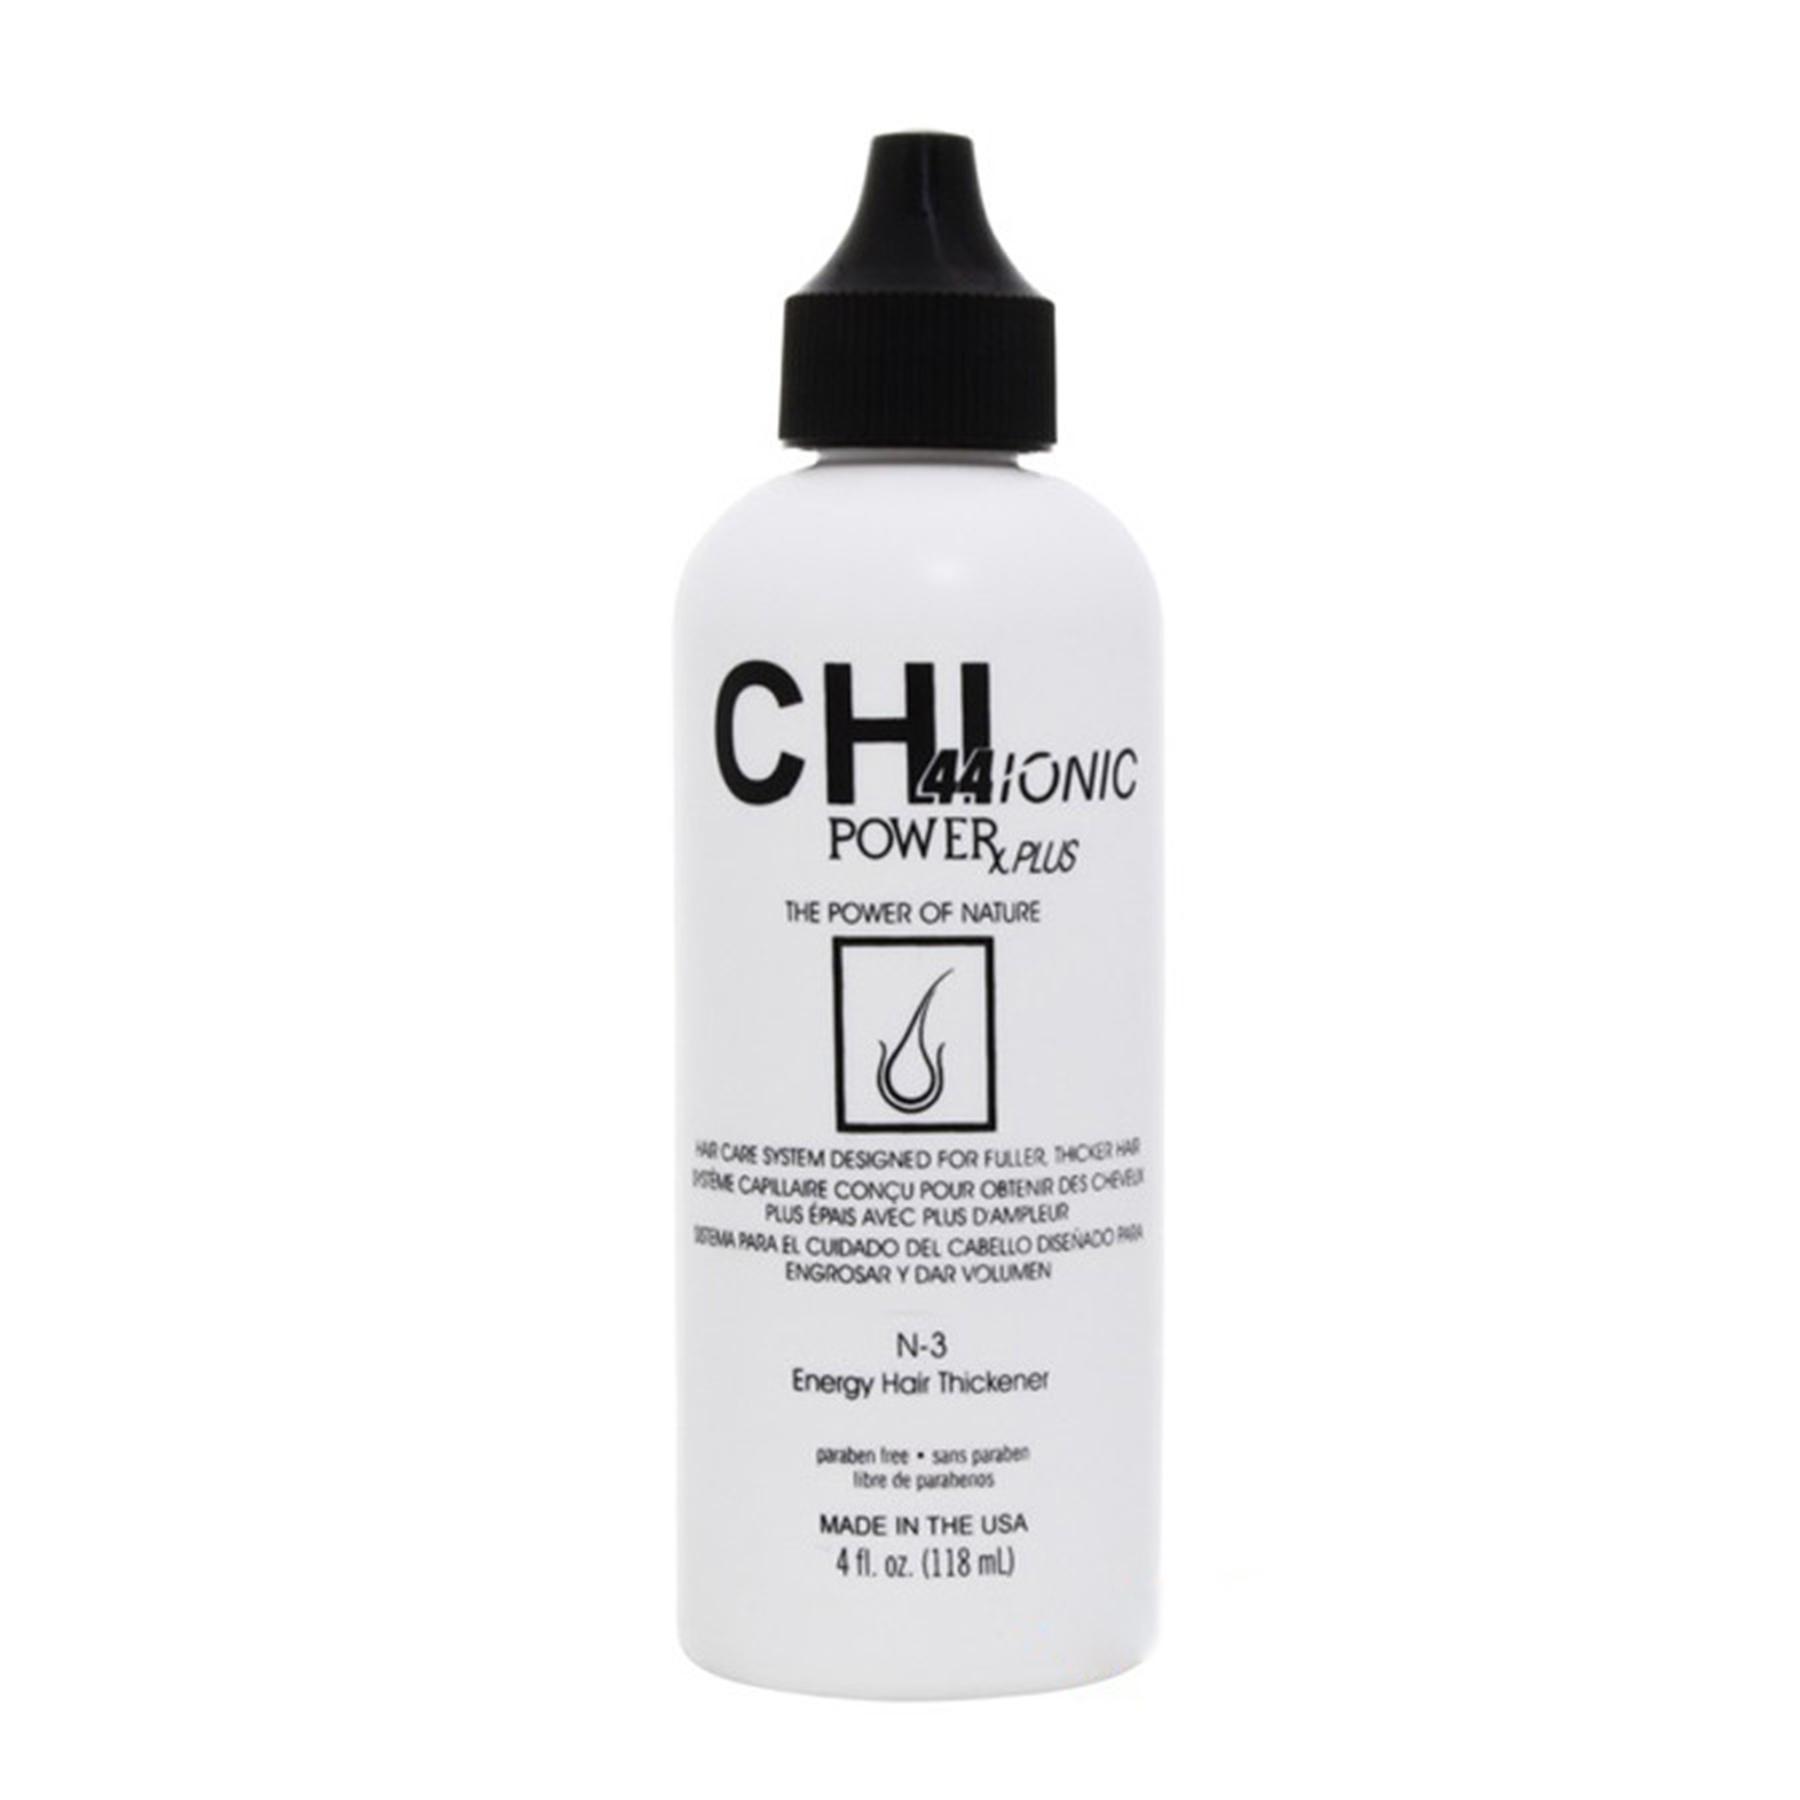 Купить Лосьоны для волос CHI, Лосьон CHI 44 Ionic Power Plus N-3 восстанавливающий для кожи головы 120 мл